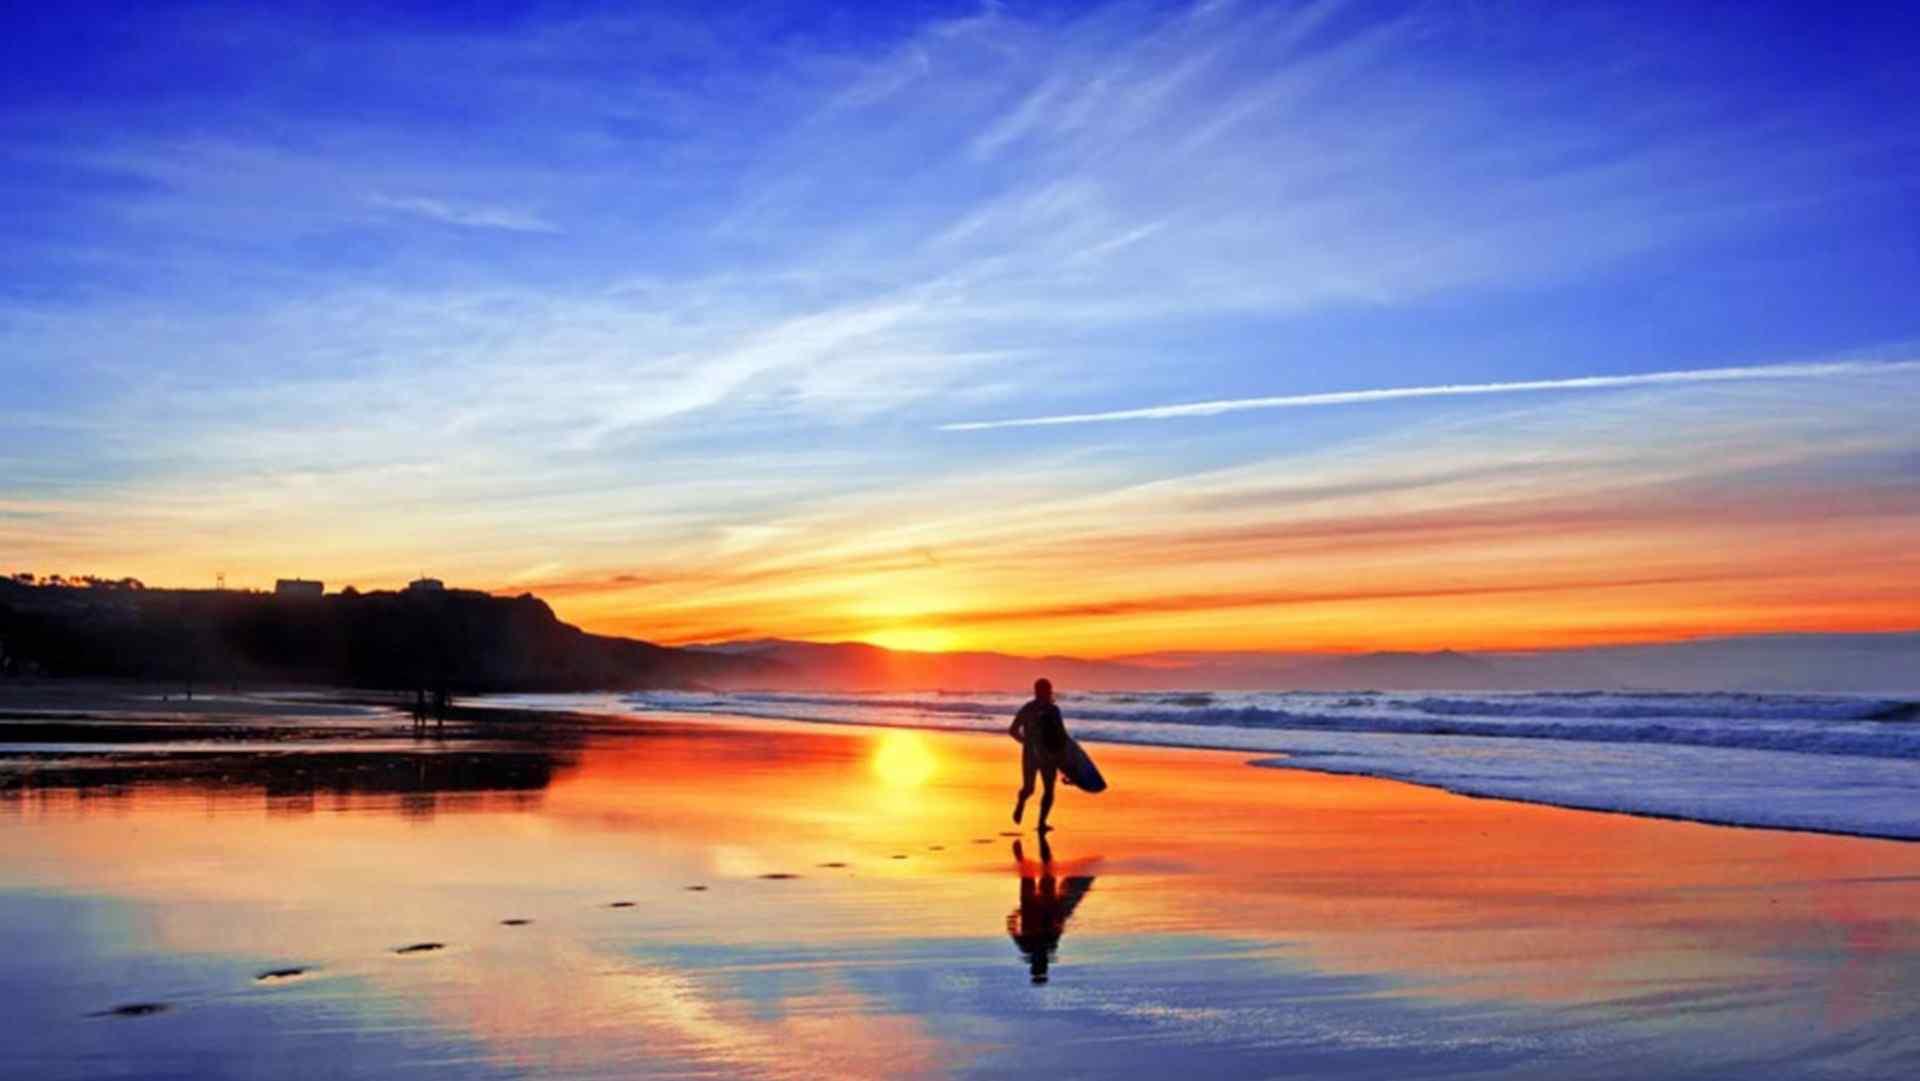 美丽的海边晚霞风景高清桌面壁纸。在蓝色的大海也融入夕阳的颜色中是,美丽的风景就此出现。火红的海边晚霞,是不是异常的美丽?喜欢唯美风景图片的朋友千万不要错过哦!海量高清壁纸图片尽在桌面天下,桌面天下有您想要的高清图片壁纸!